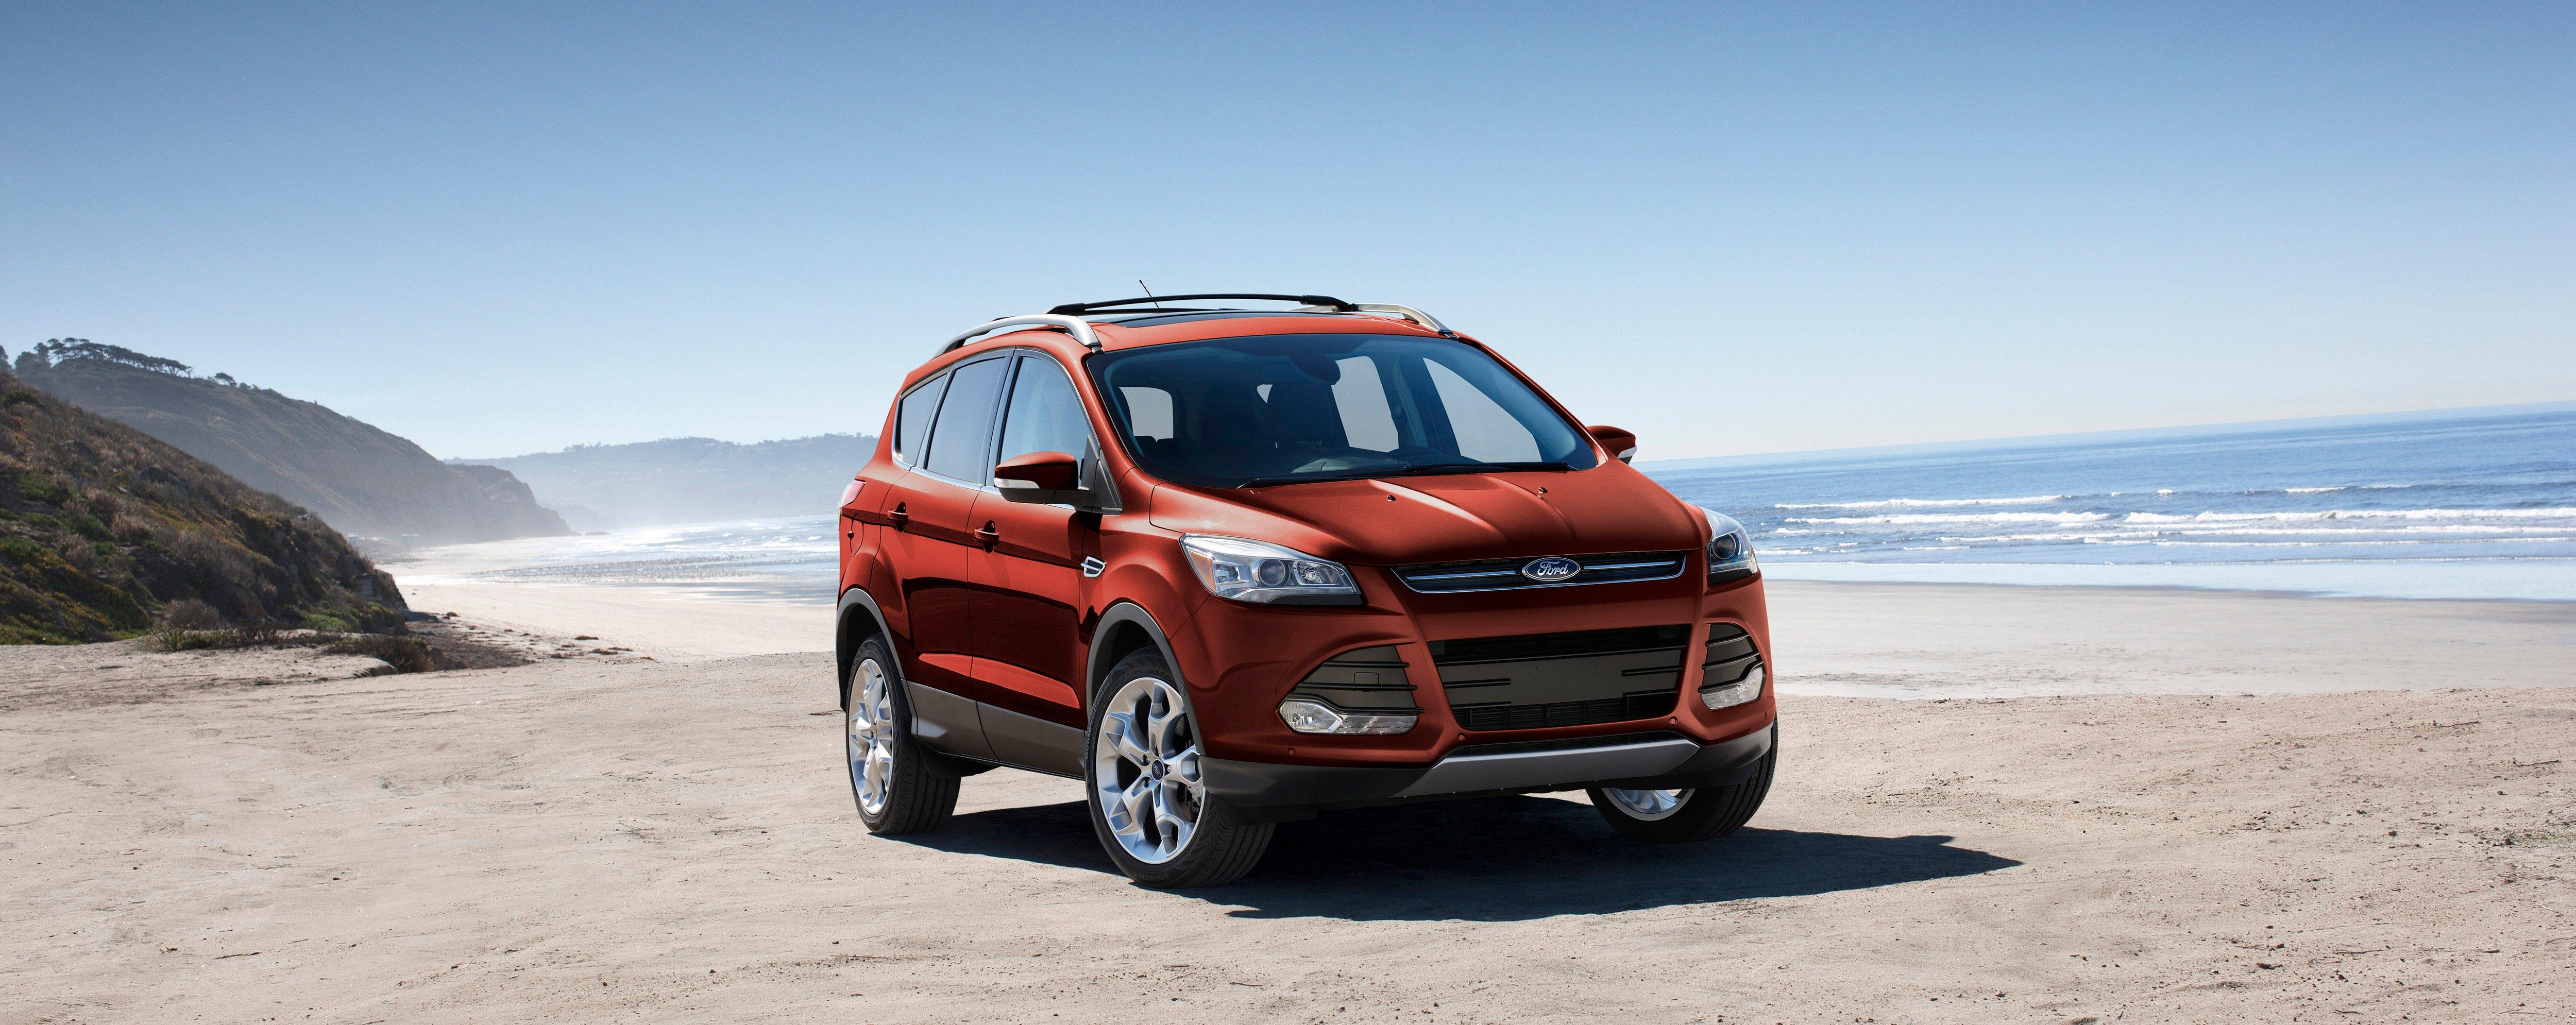 2014 Ford Escape Titanium Recalls